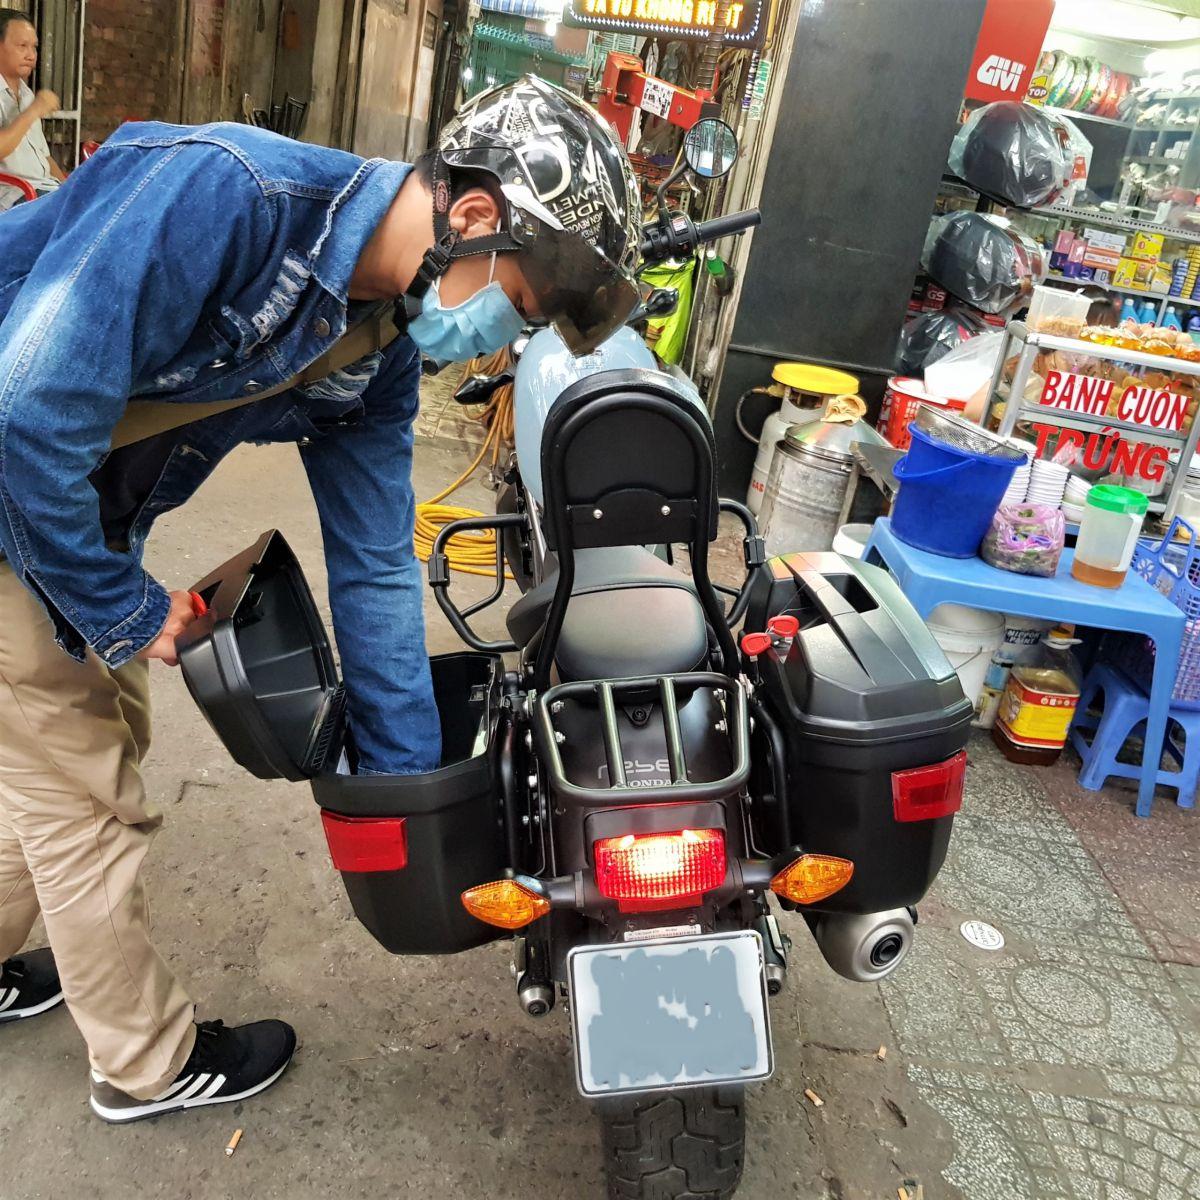 Thung-hong-givi-e22n-xe-honda-rebell-300-11